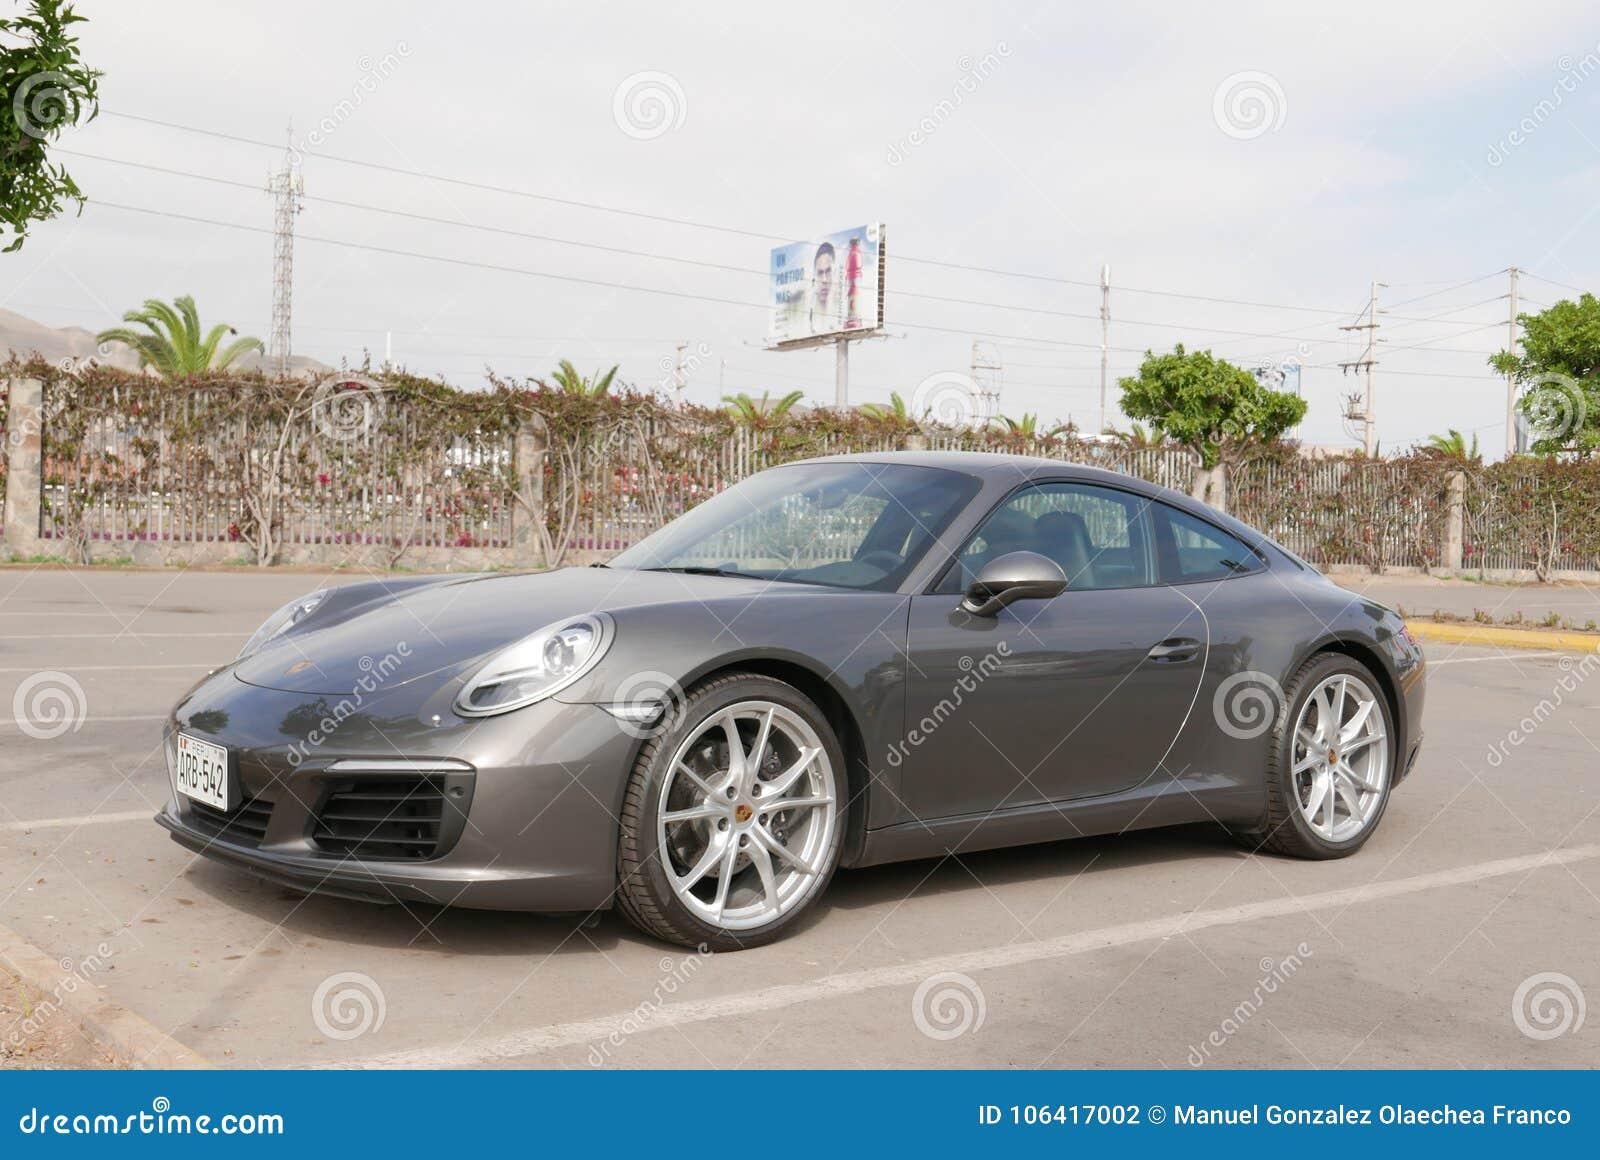 Grijs voor en zijaanzicht Porsche 911 Carrera, Lima